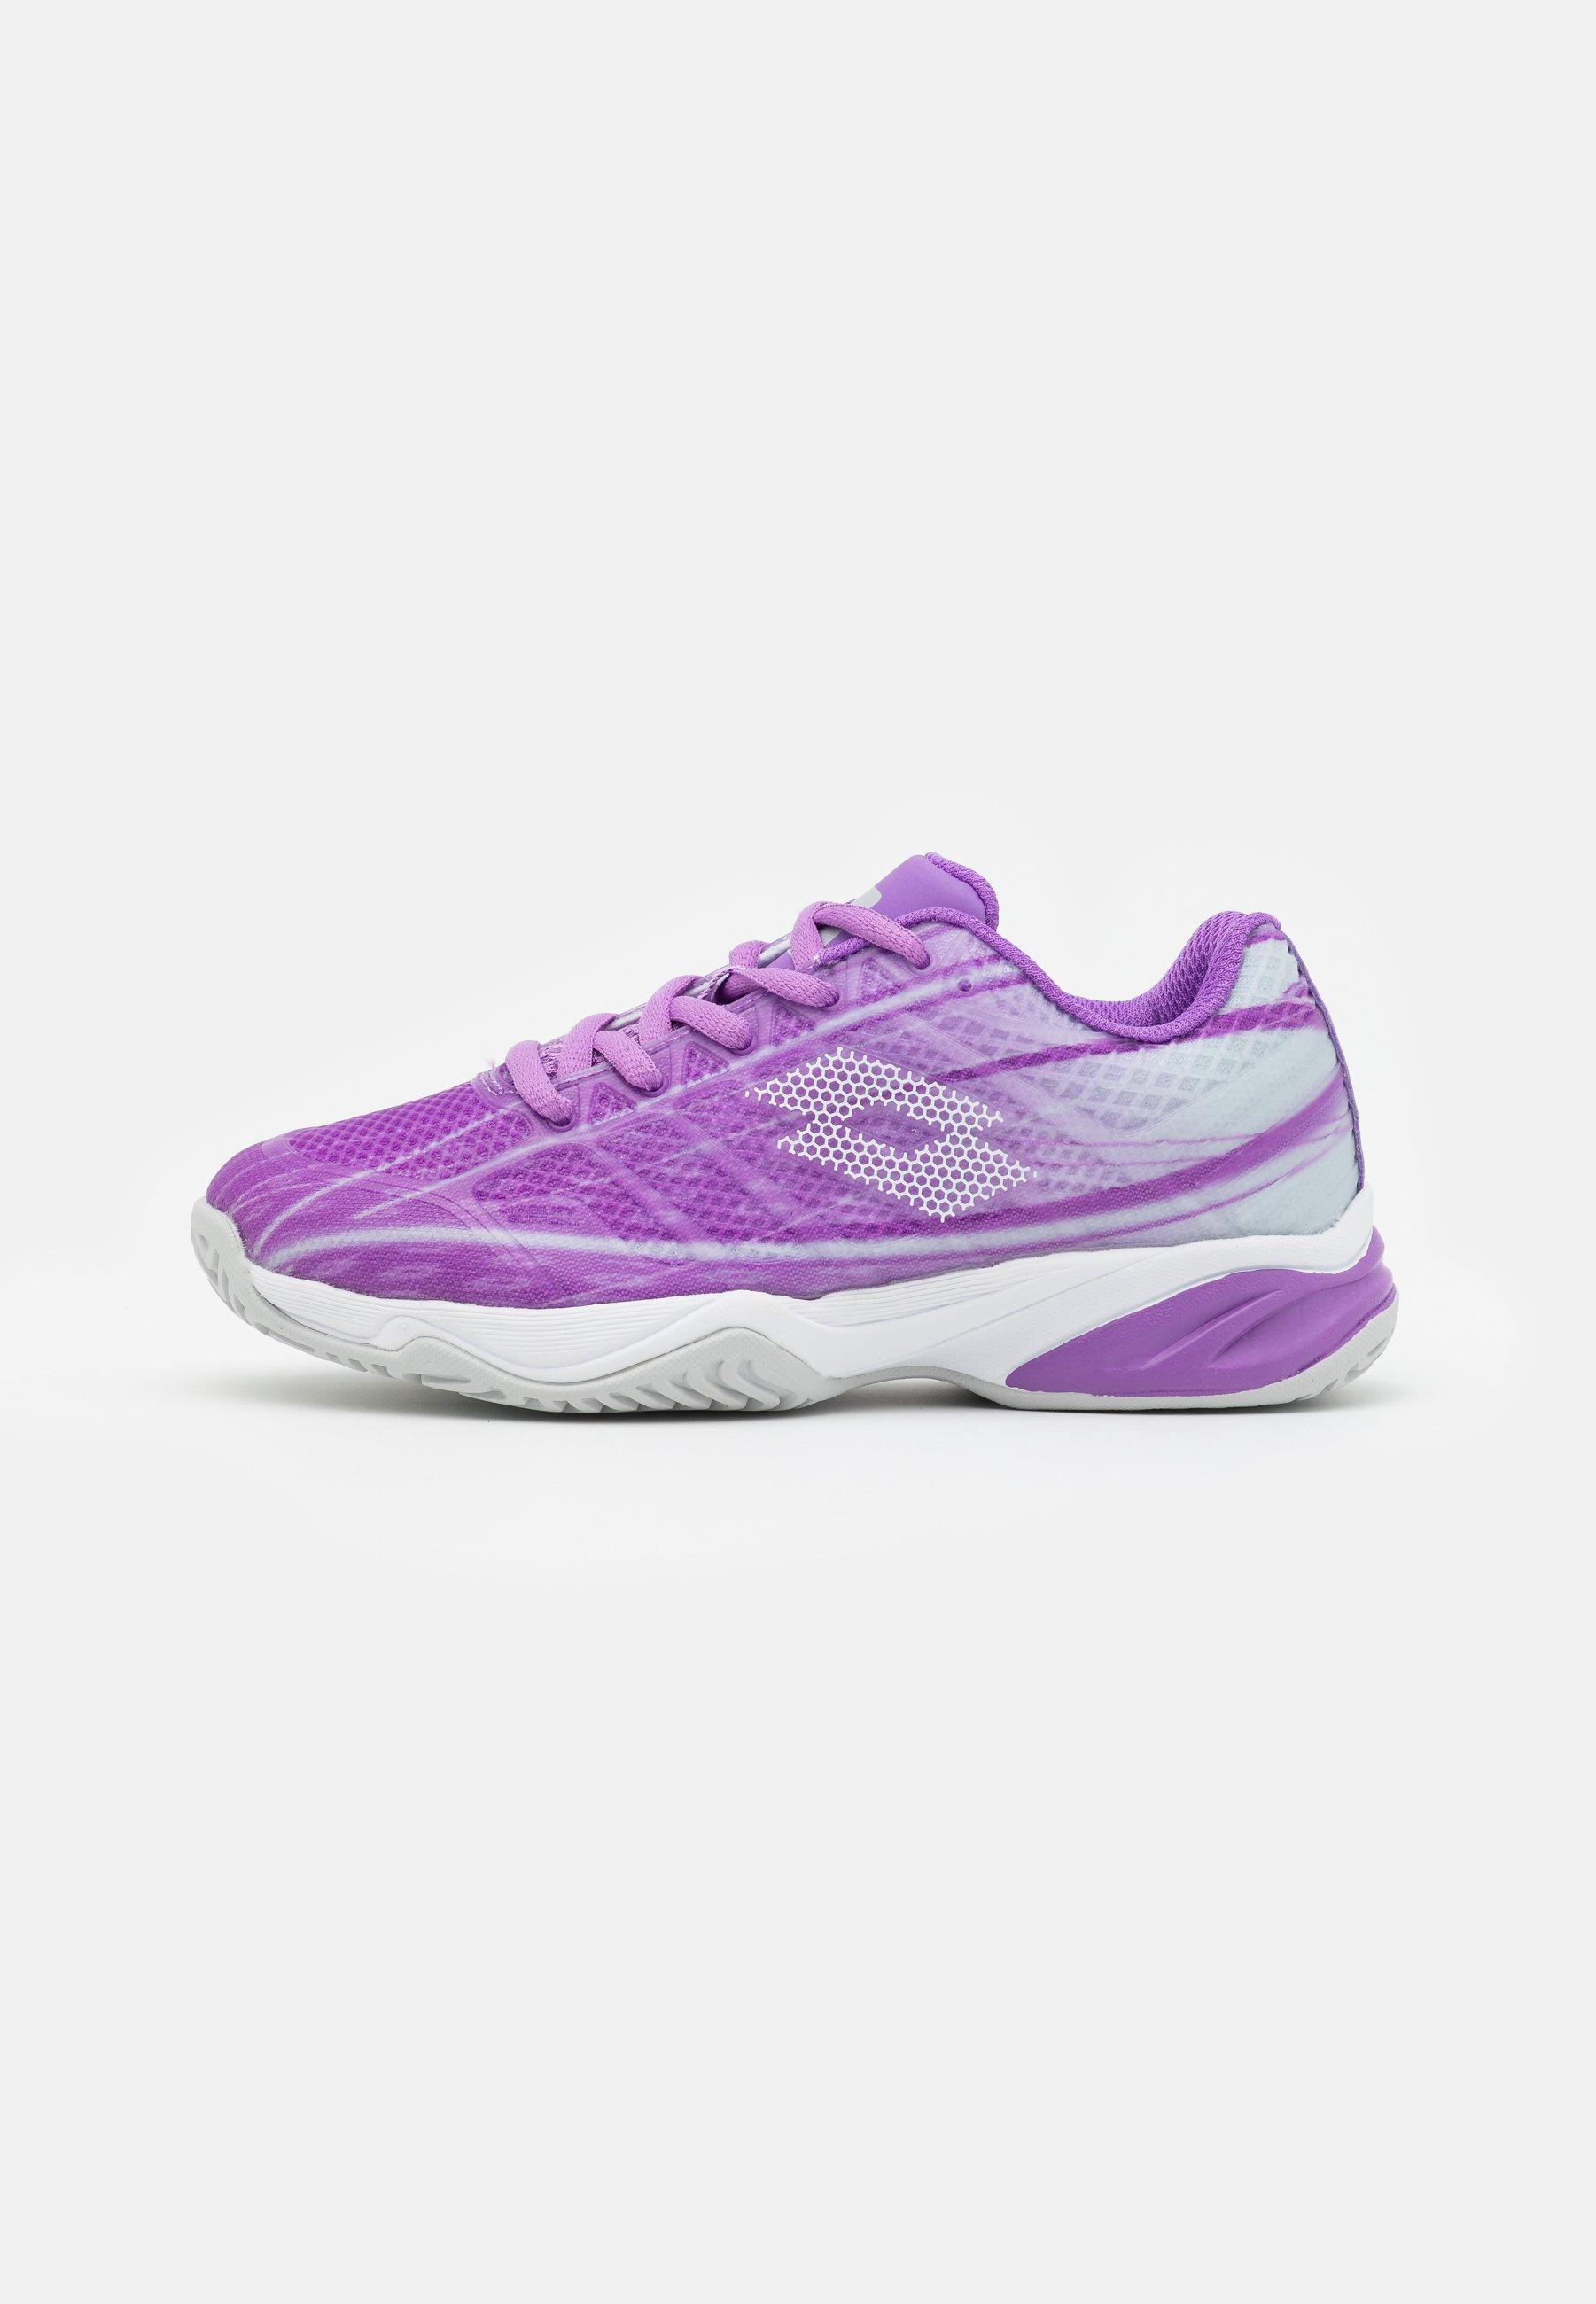 Enfant MIRAGE 300 UNISEX - Chaussures de tennis toutes surfaces